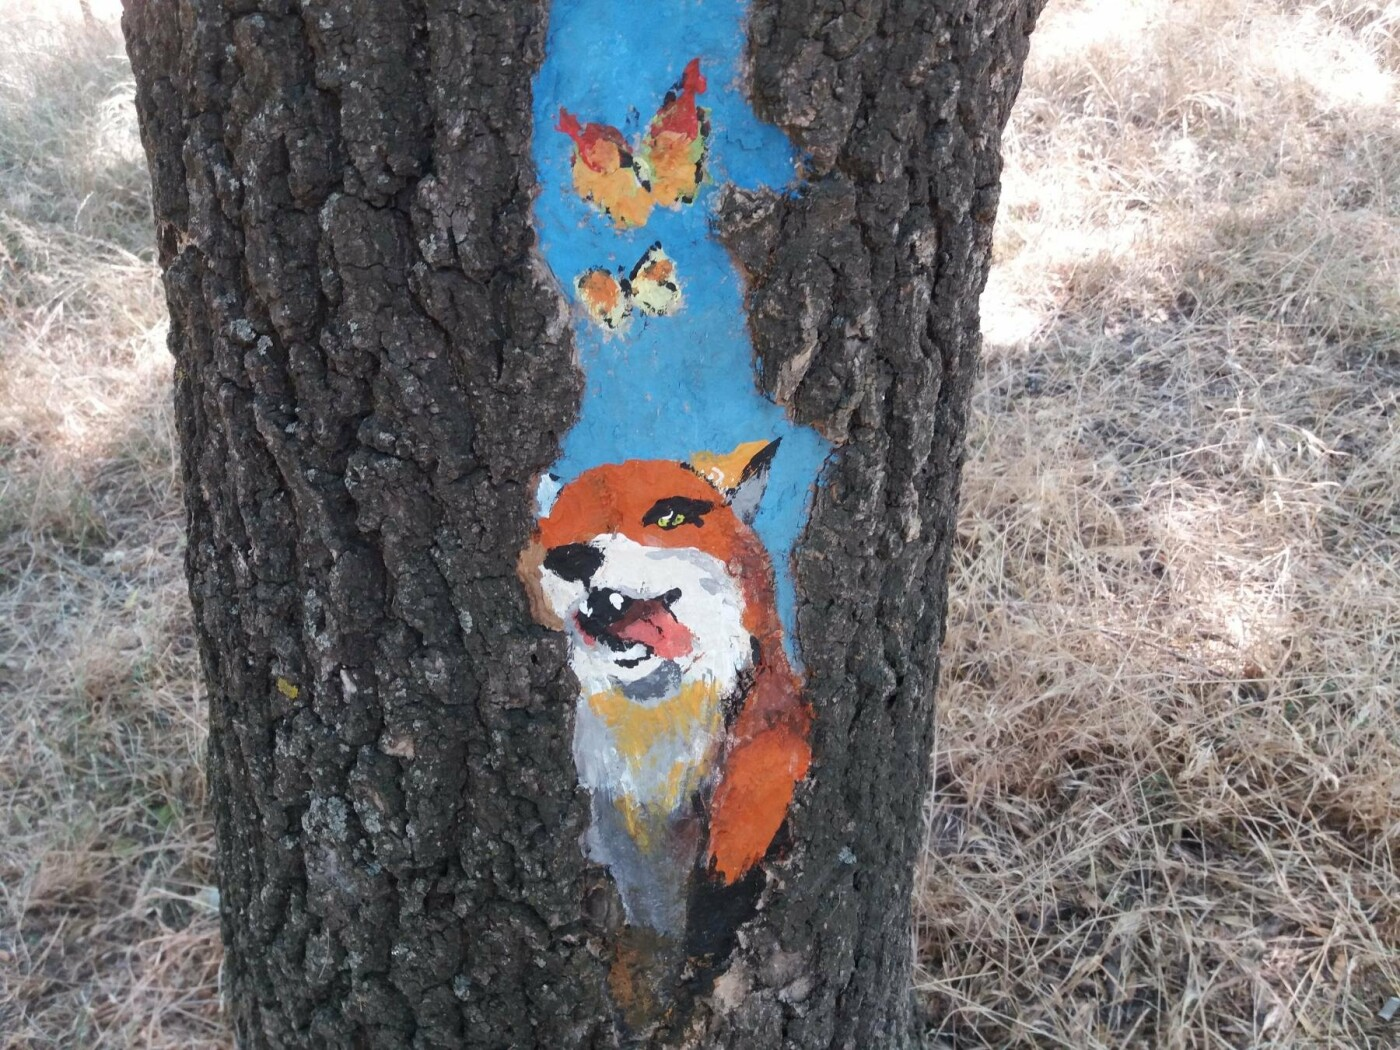 В Одесском парке появились необычные рисунки на деревьях, - ФОТО, фото-7